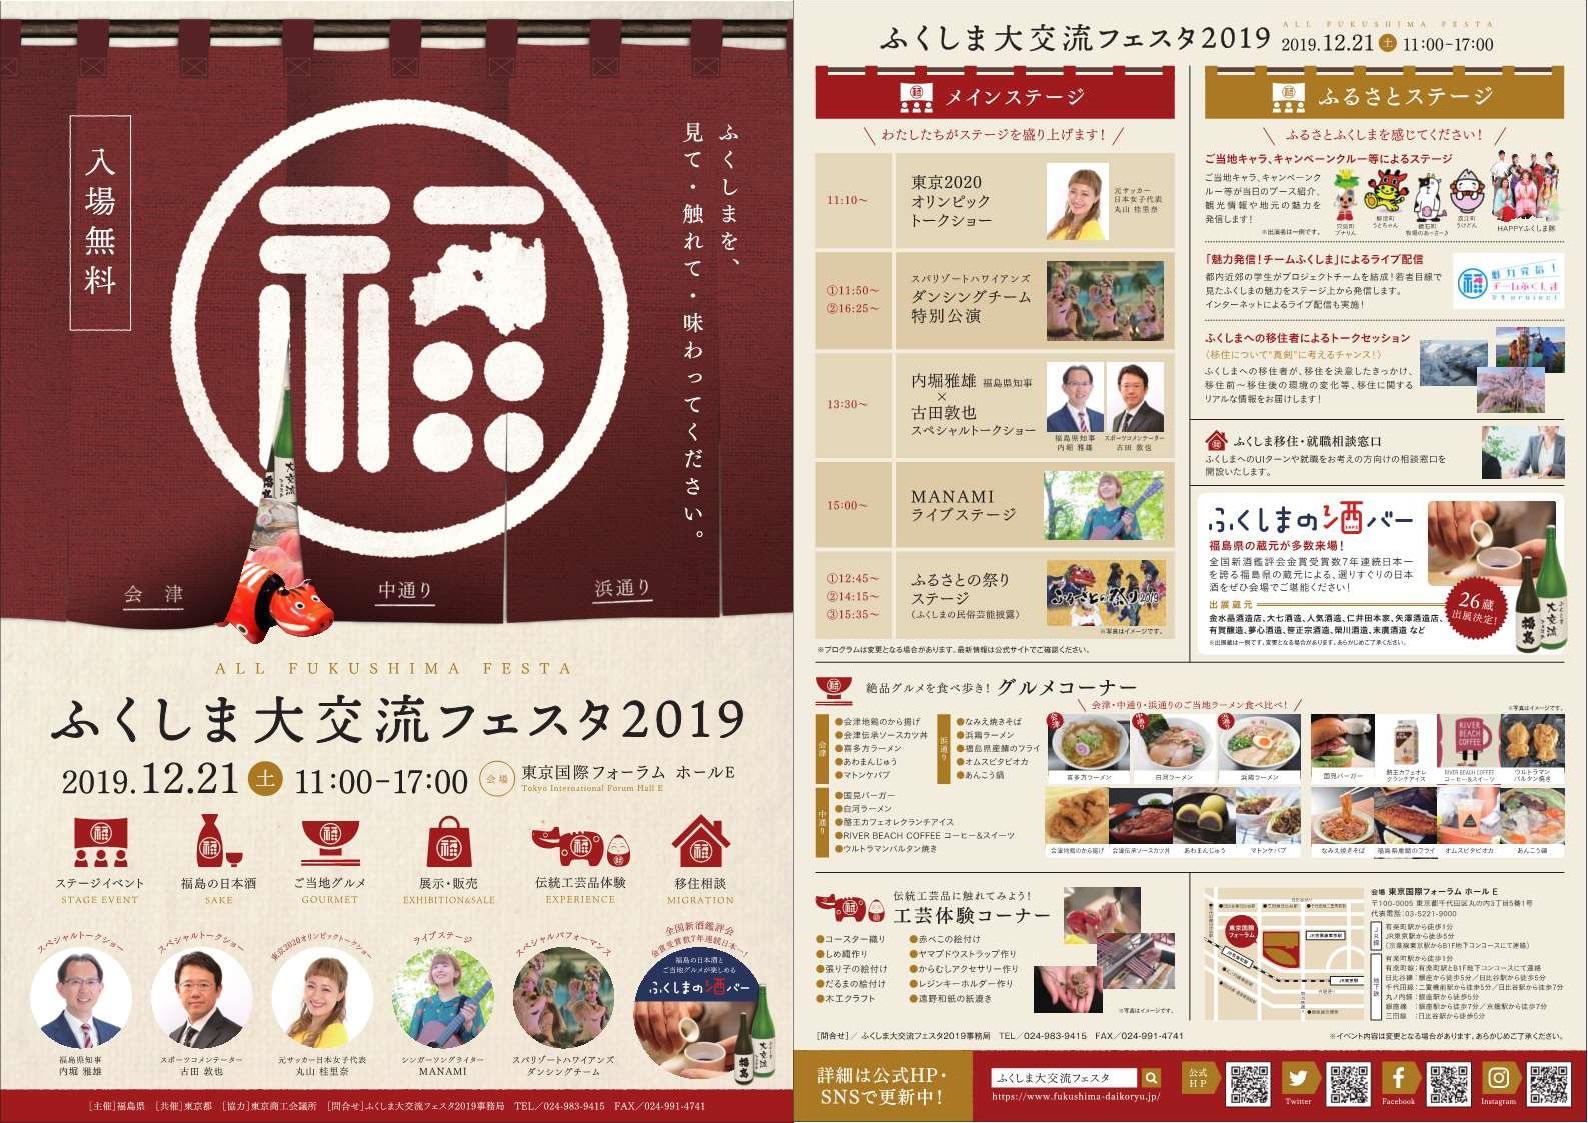 ふくしま大交流フェスタ2019.jpg